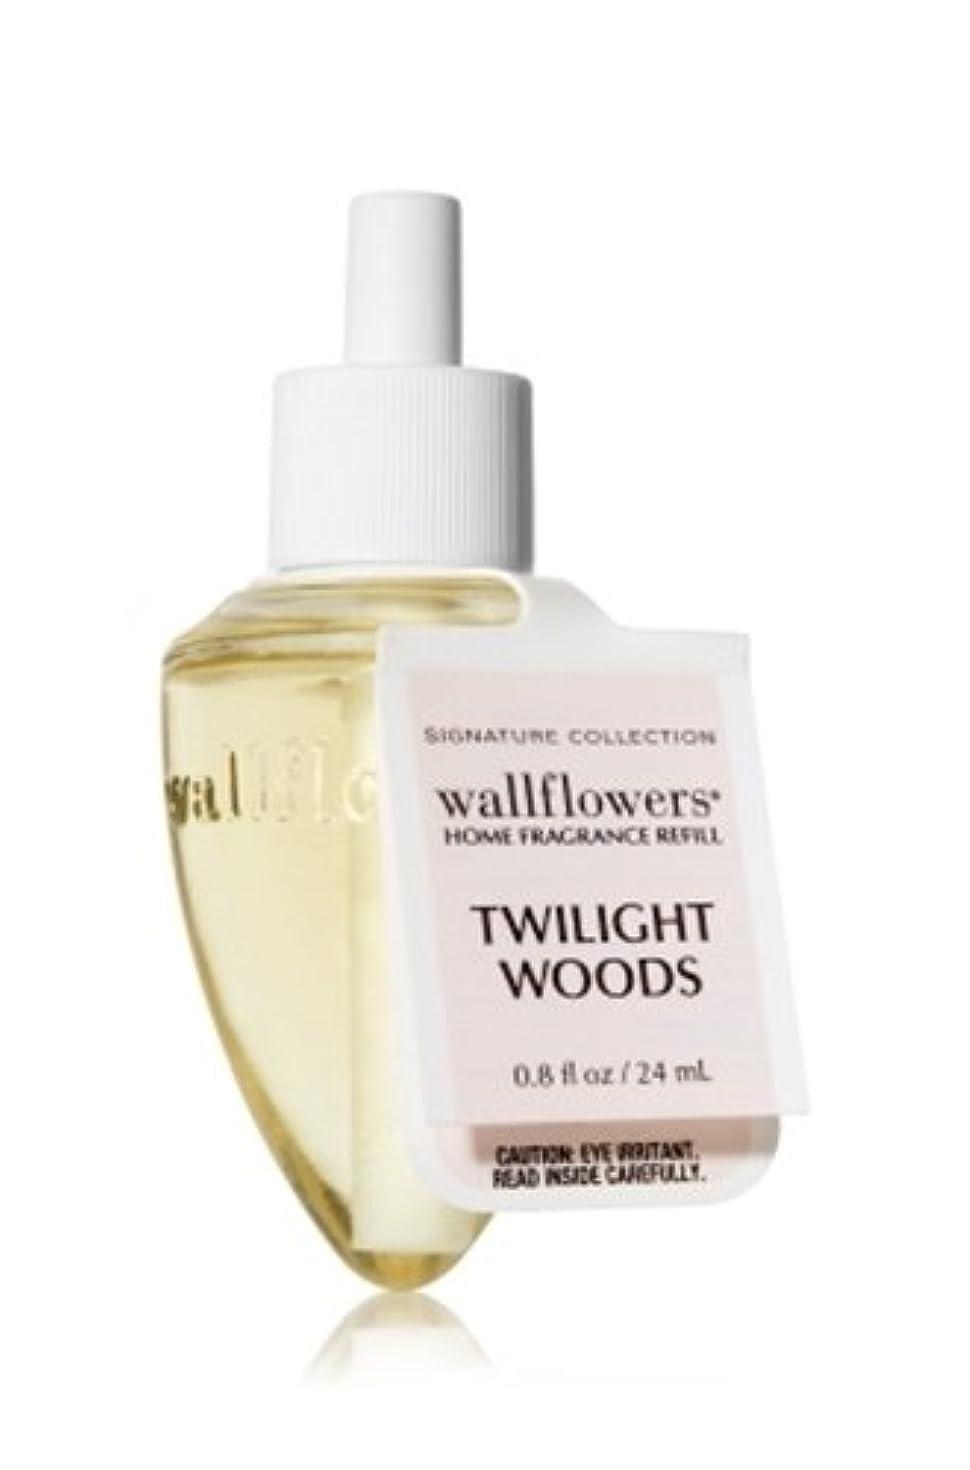 実施する遅れ試みBath & Body Works(バス&ボディワークス) トワイライトウッズ レフィル(本体は別売りです) Twilight Woods Wallflowers Refill Single Bottles【並行輸入品】